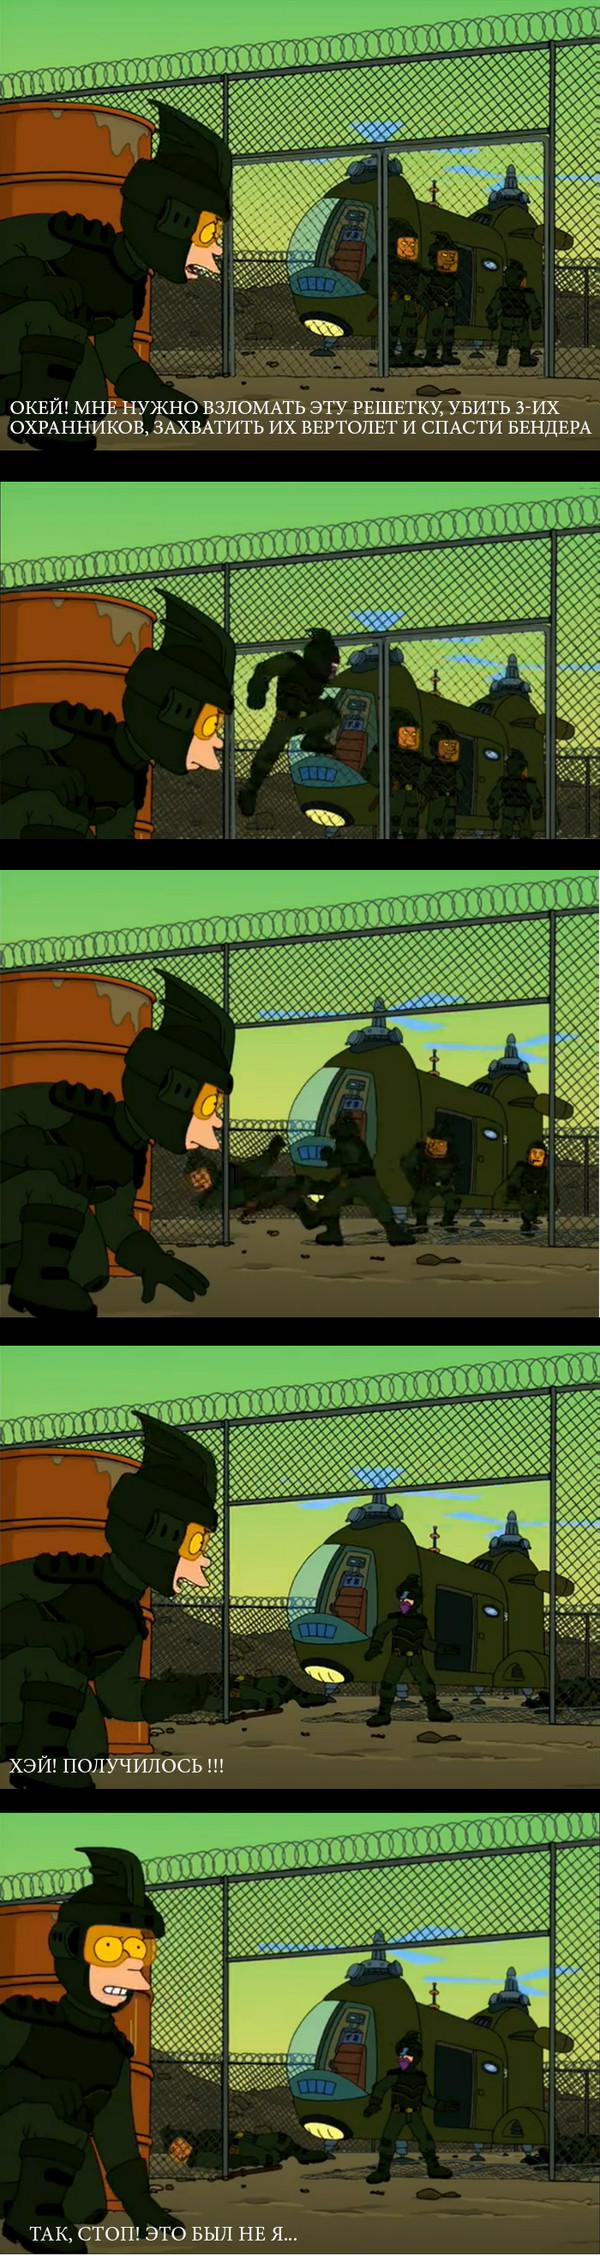 Futurama \ Когда ты что-то планируешь ) Футурама, Фрай, План, Длиннопост